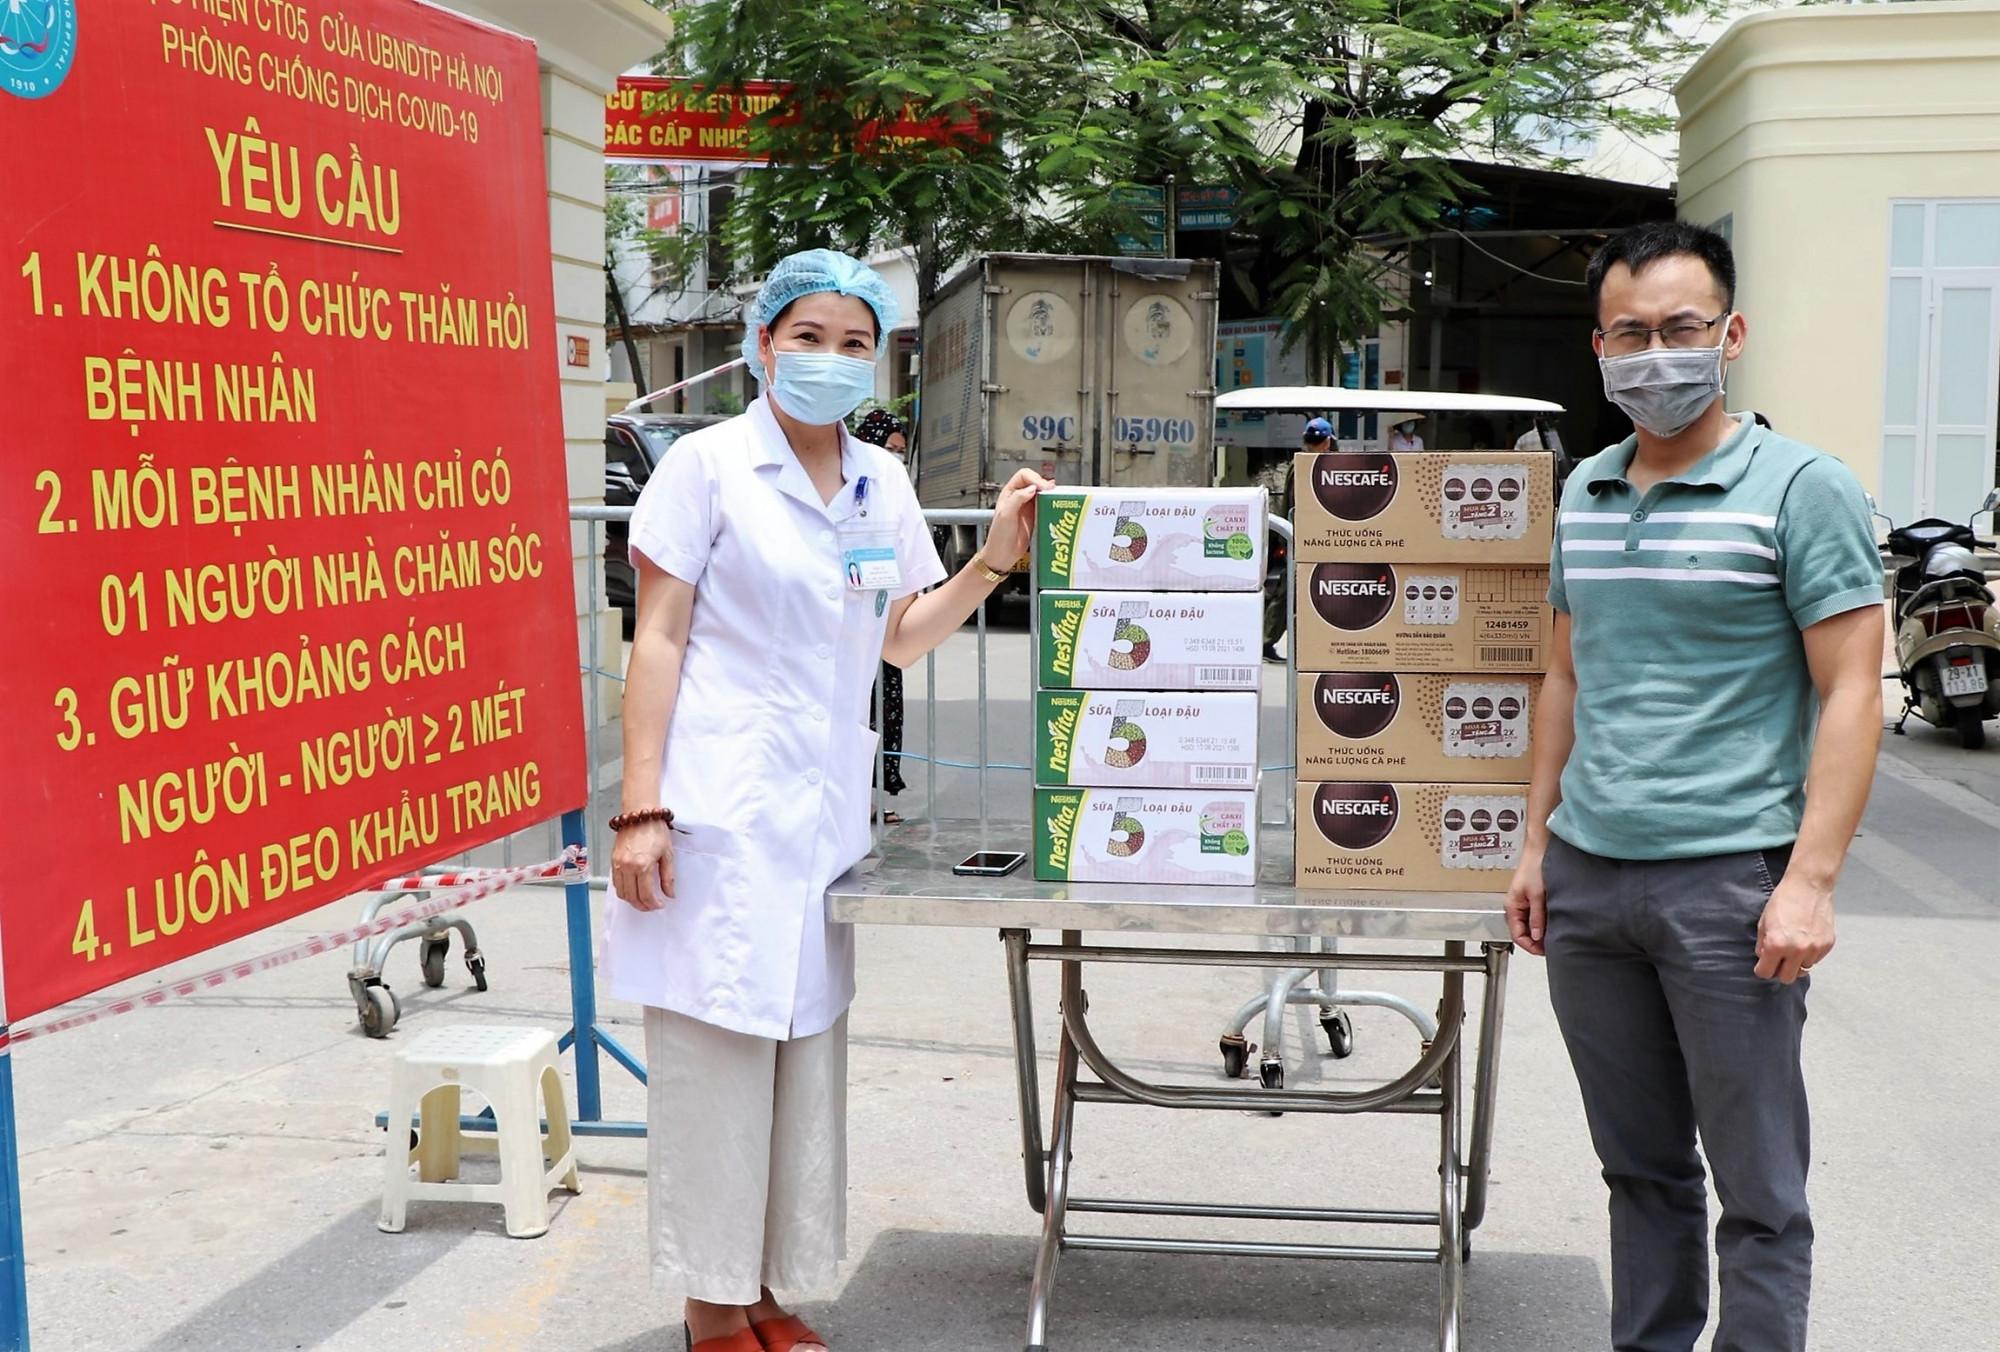 Các phần sản phẩm dinh dưỡng Nescafé Espressoda và Nesvita được chuyển đến bệnh viện Đa khoa Hà Đông. Ảnh: Nestlé Việt Nam